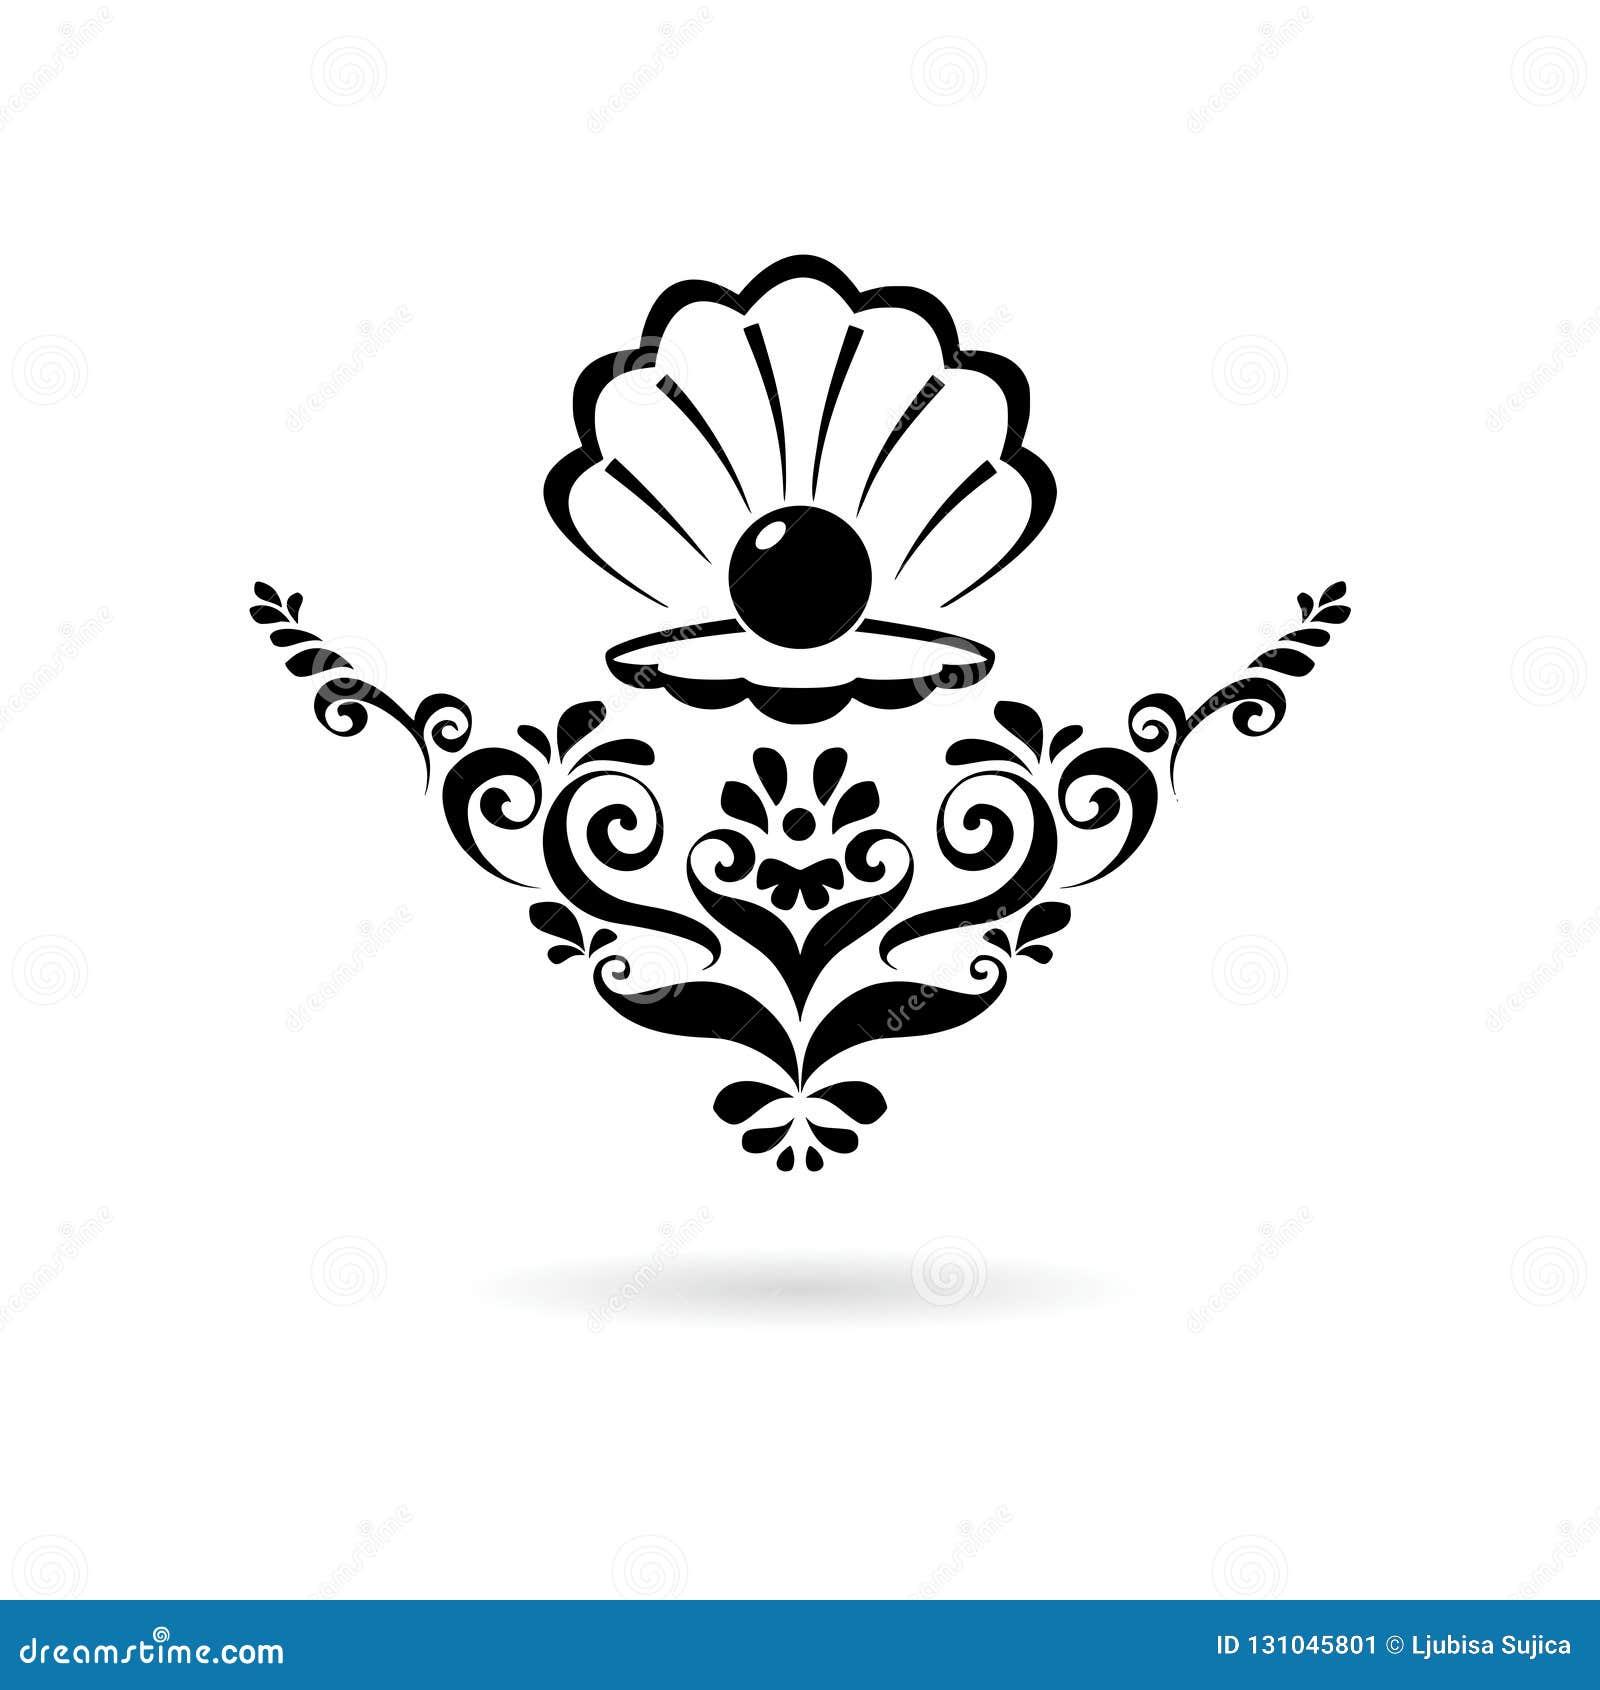 Black Sea pärla i öppet skal, symbol för blom- prydnad eller logo